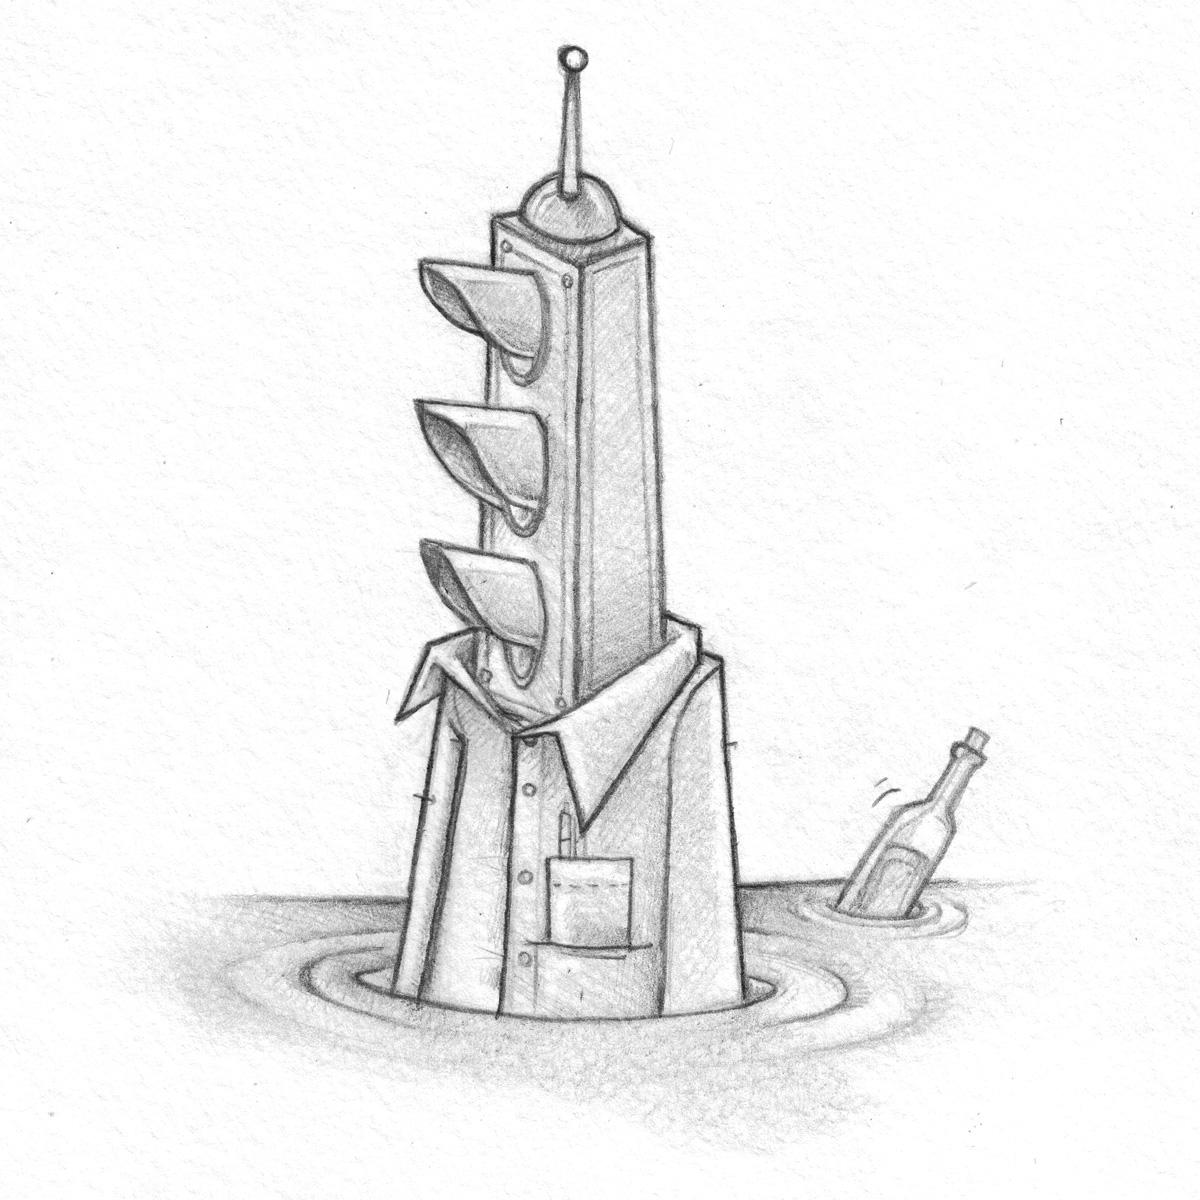 Drawing No. 7